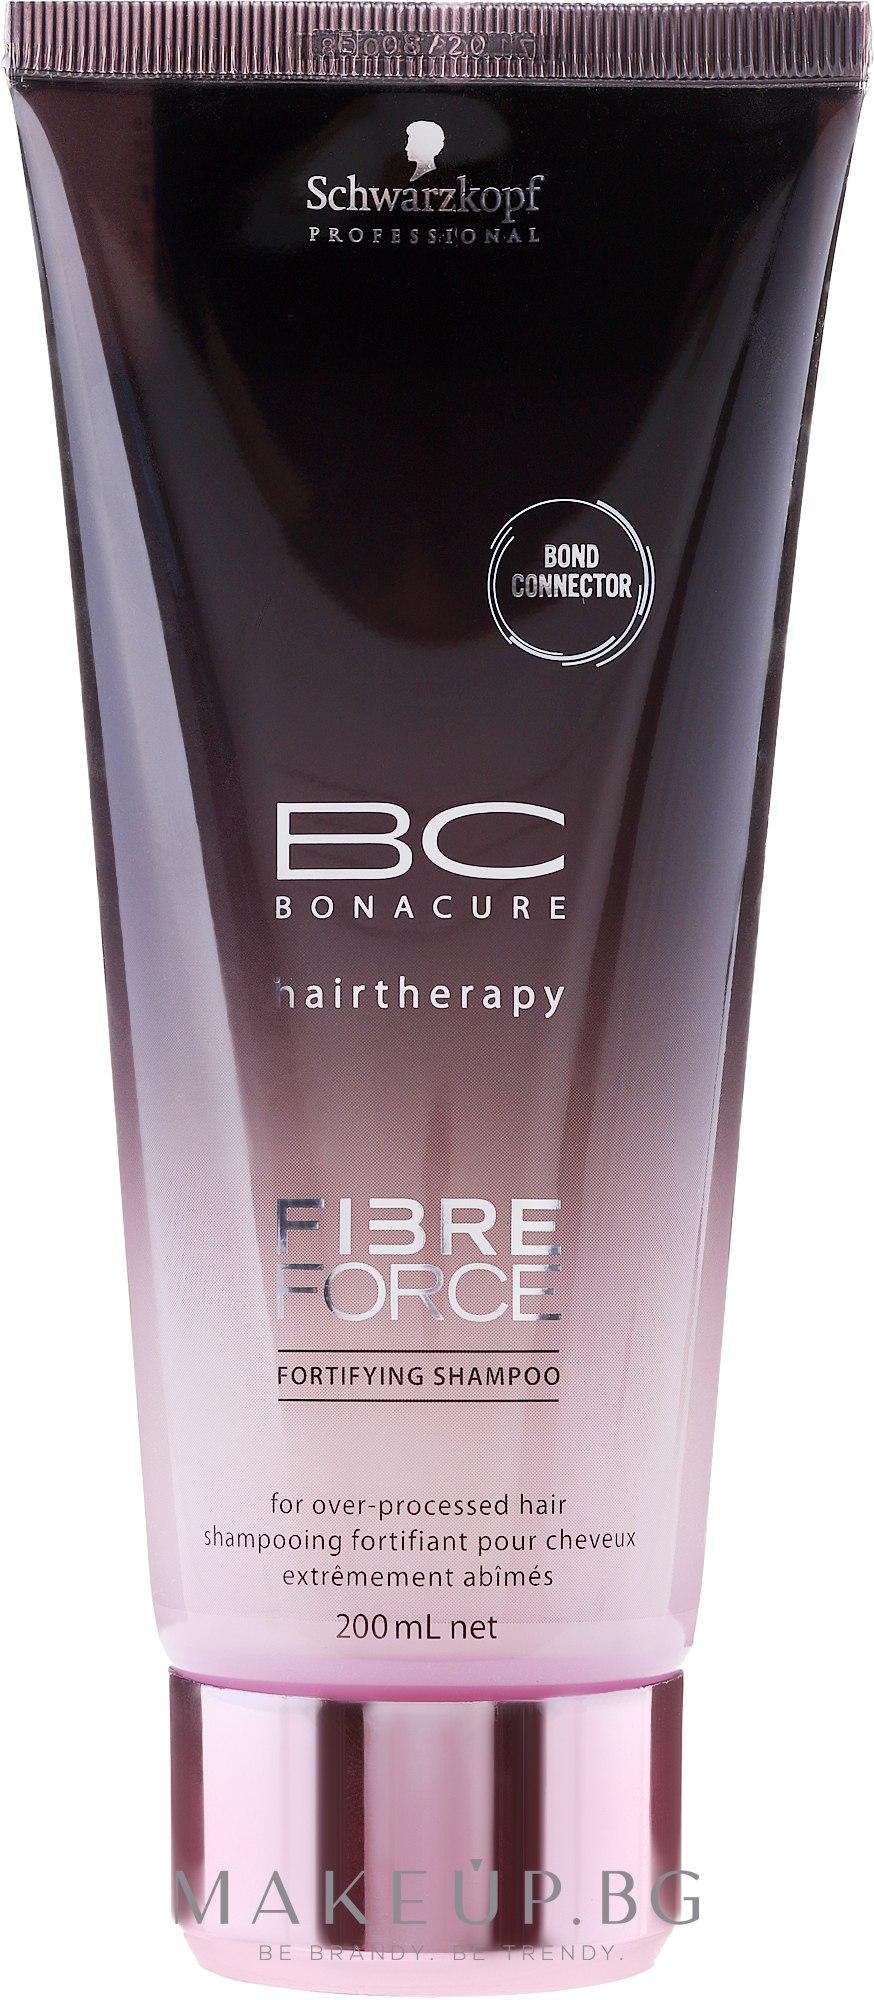 Безсулфатен шампоан за коса - Schwarzkopf Professional BC Fibre Force Fortifying Shampoo — снимка 200 ml